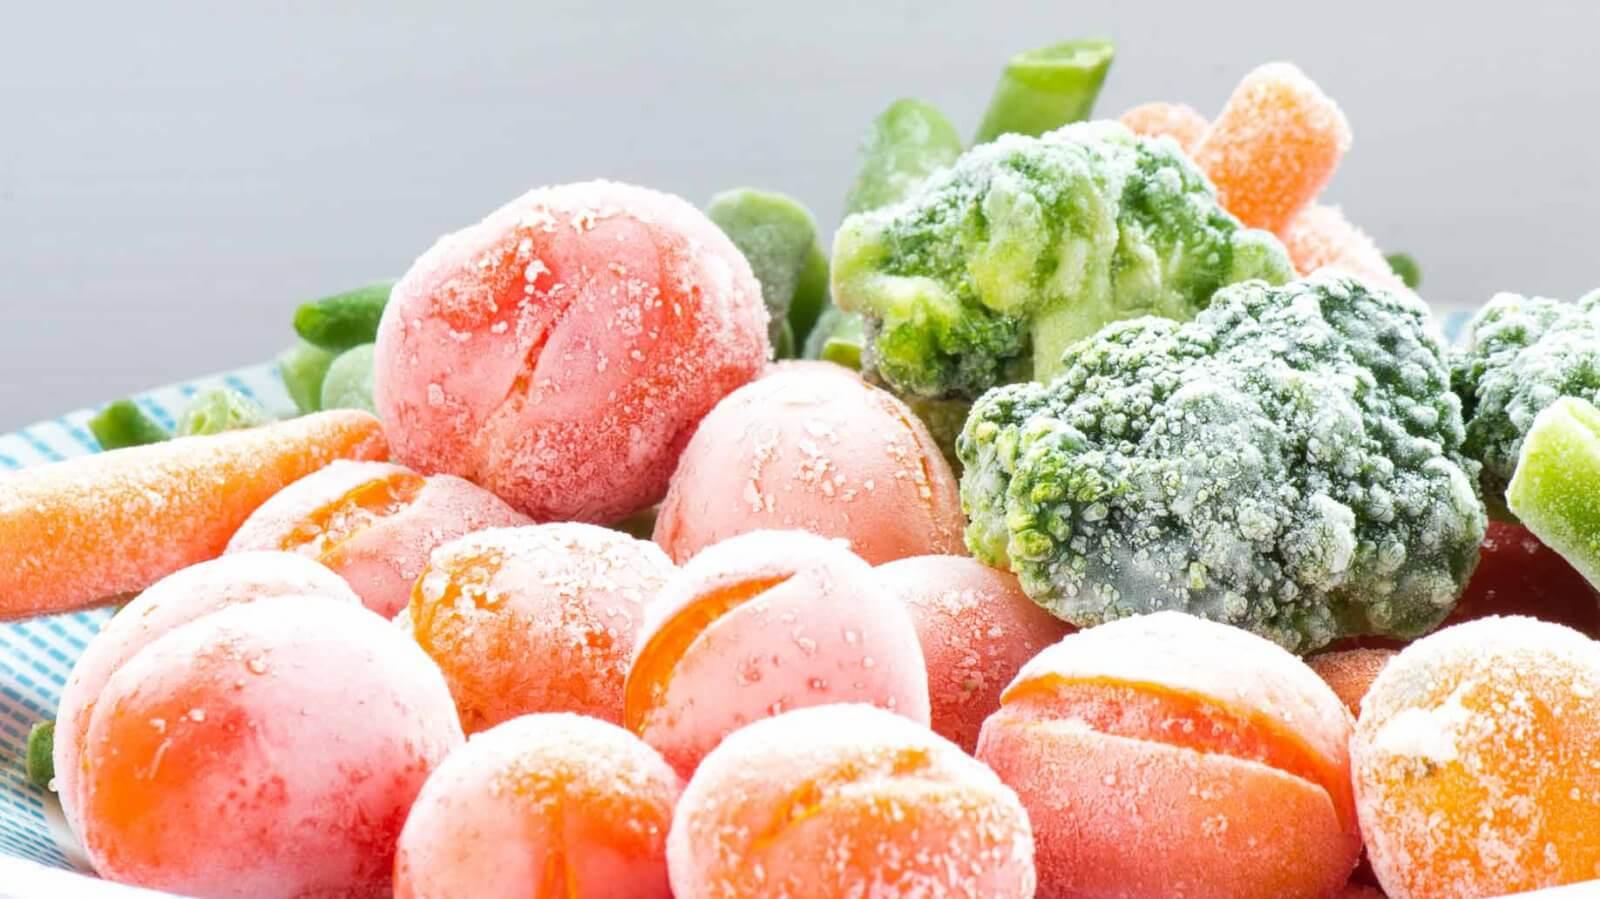 овощий и фрукты в рефконтейнерах